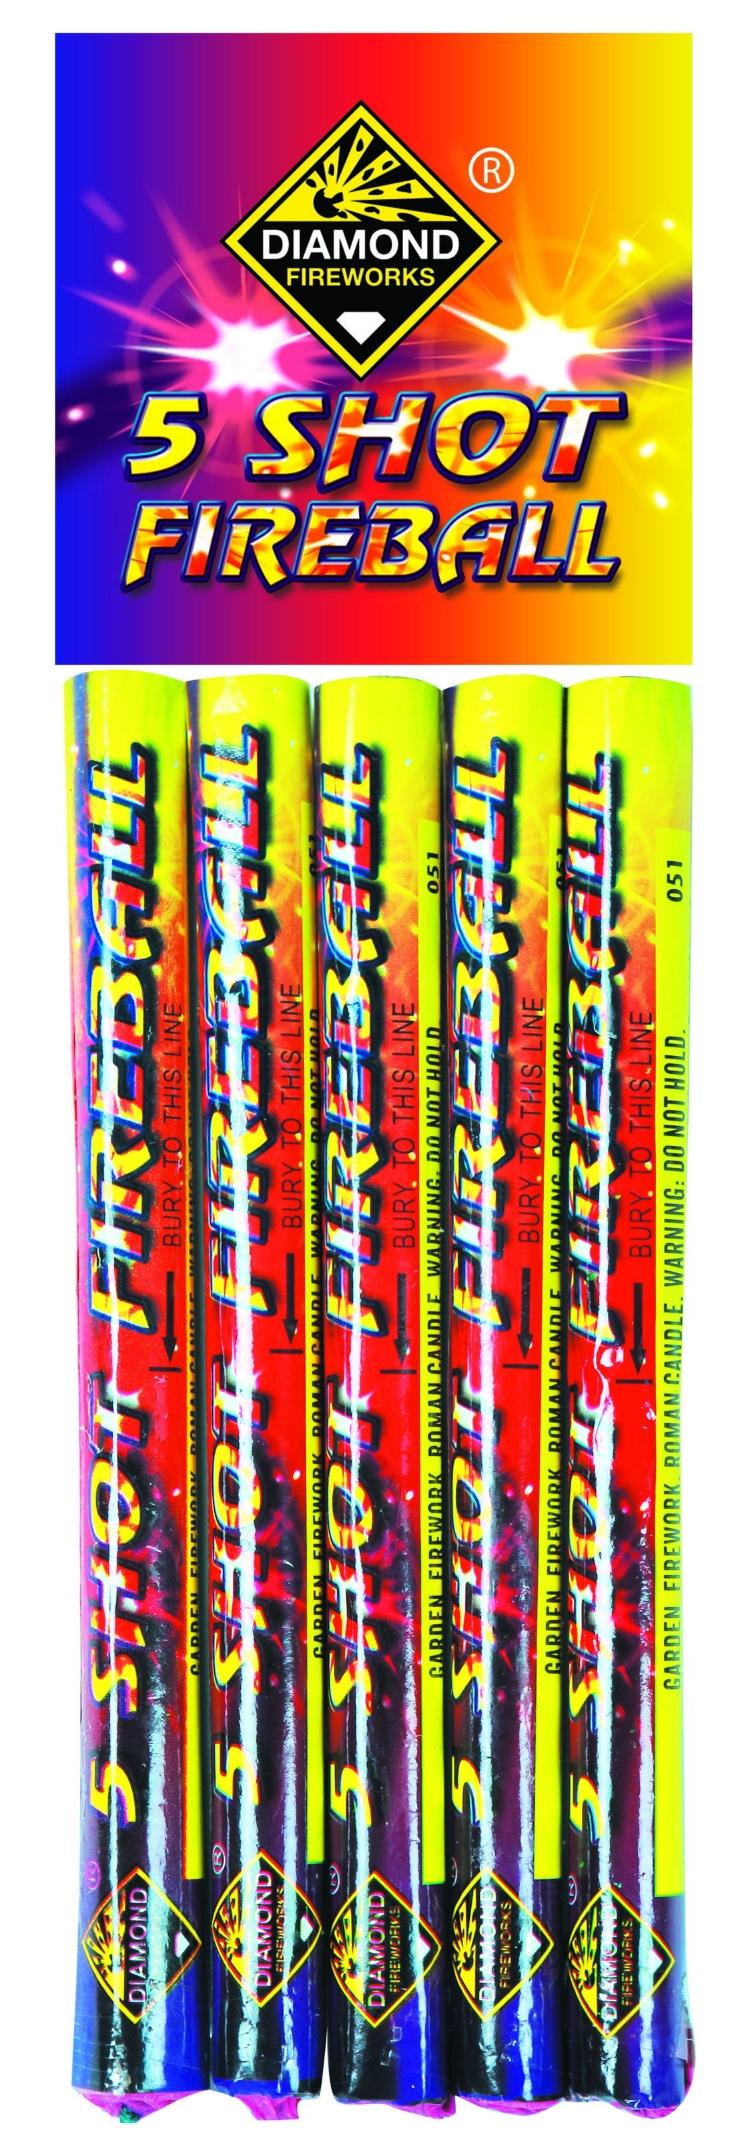 5 Shot Fireball 5pk - RRP £3.50